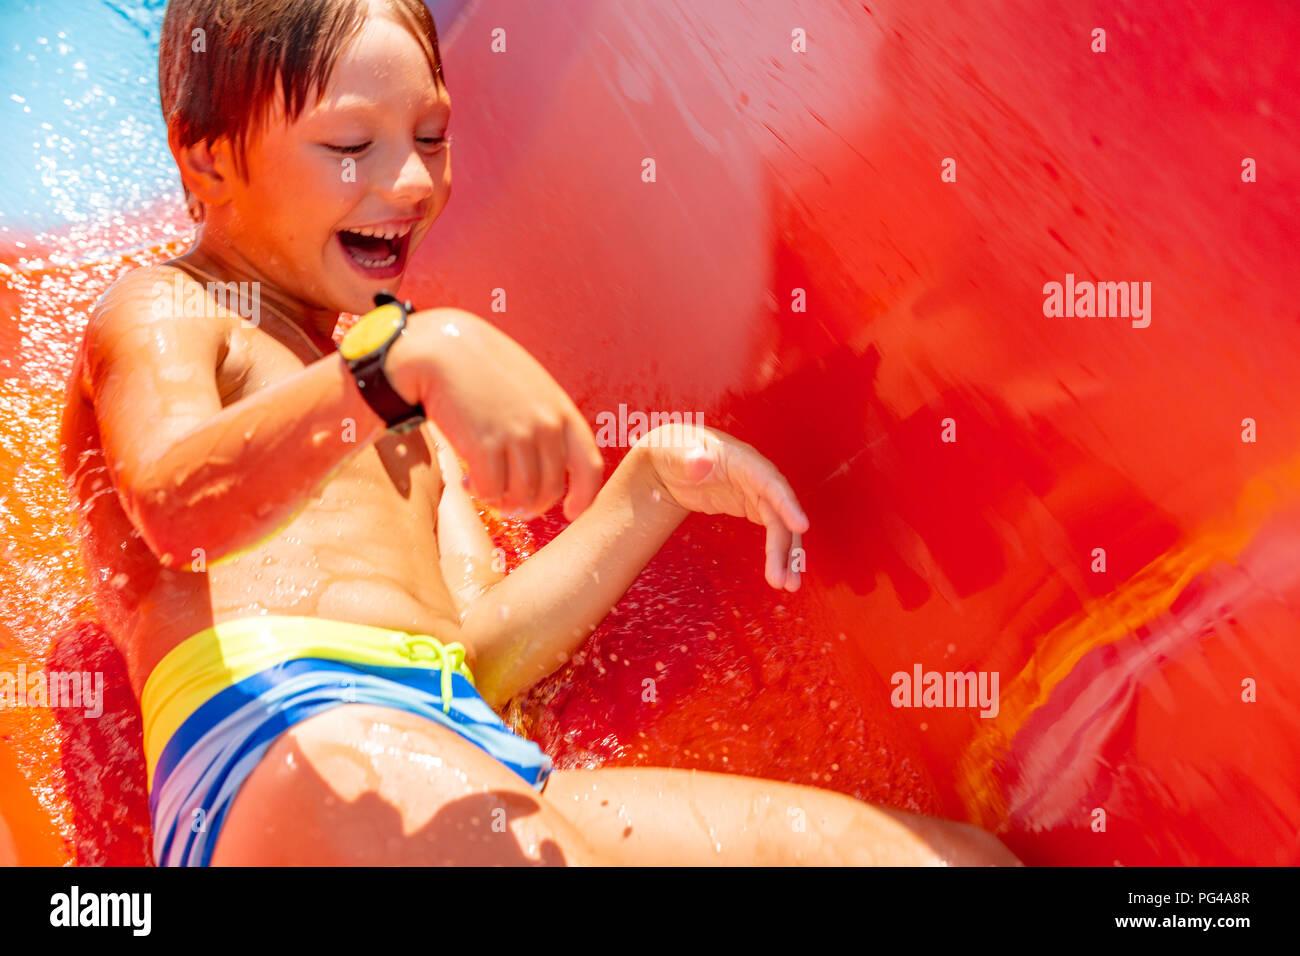 Eine glückliche junge auf Wasserrutsche in einem Schwimmbad Spaß im Sommer Urlaub in einer schönen Aqua Park. Ein Junge nach unten kriechend auf der Wasserrutsche und spritzt. Stockbild